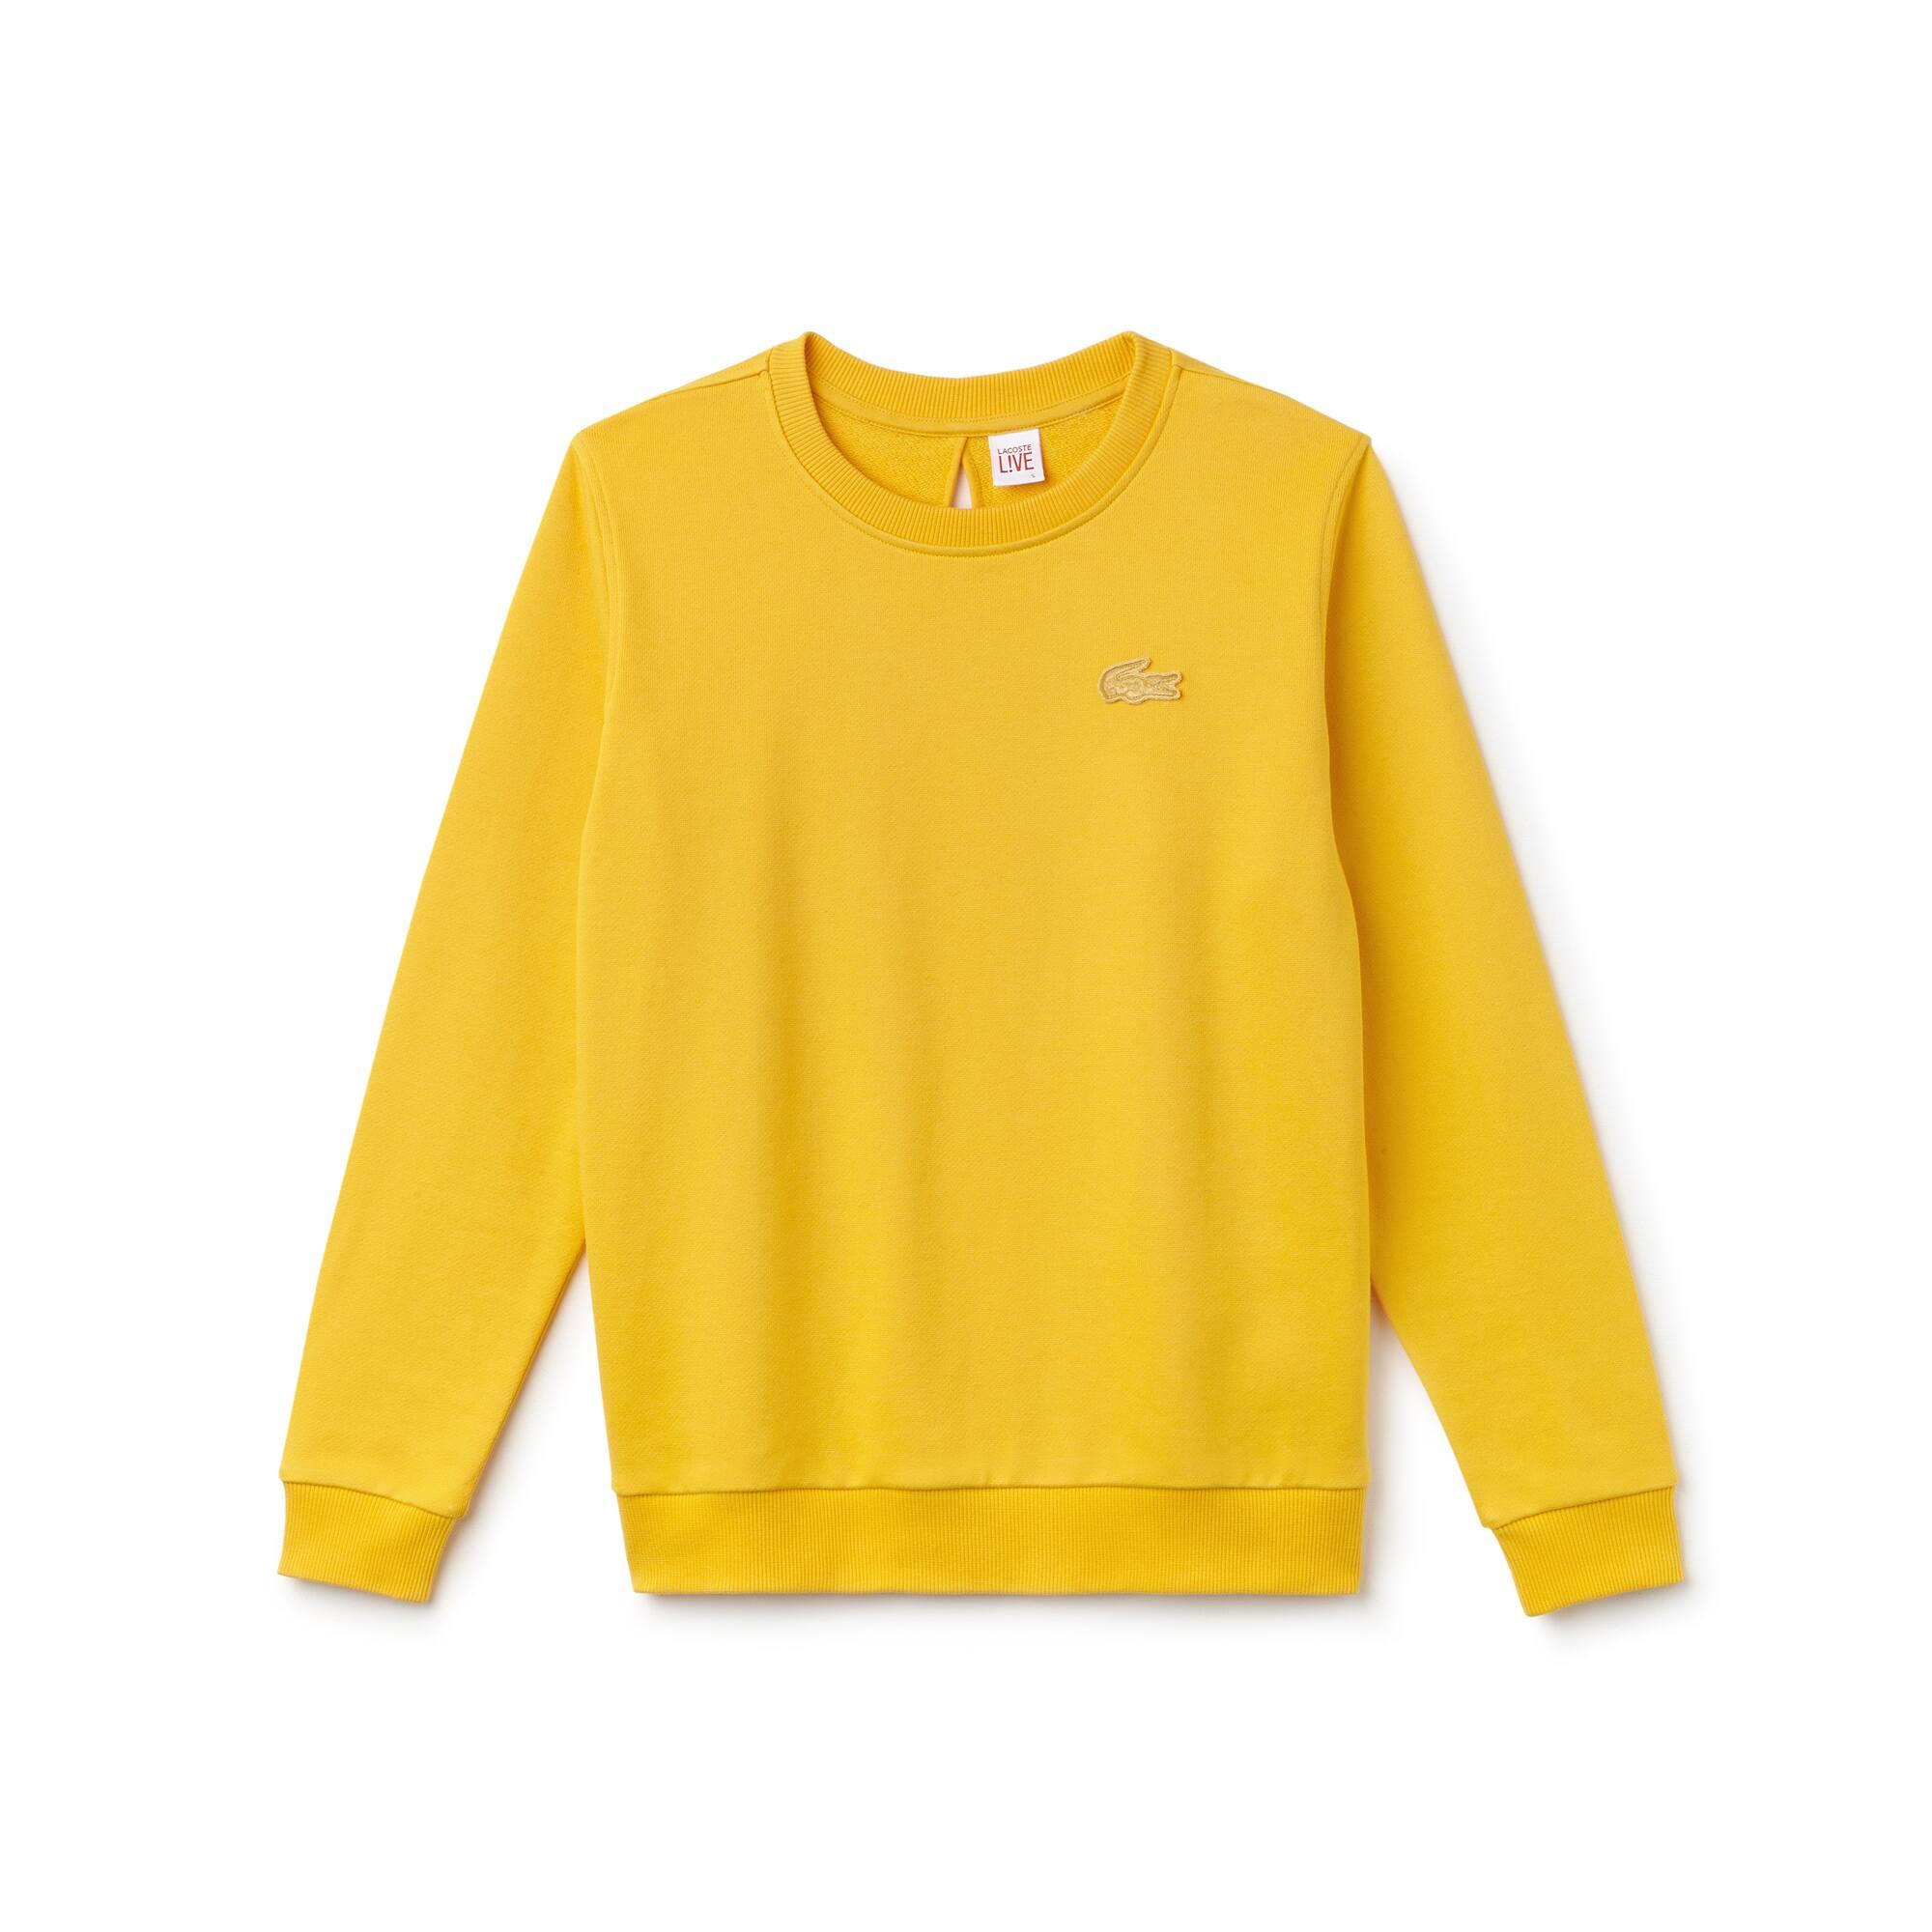 Lacoste - Damen-Sweatshirt mit Schlüssellochausschnitt LACOSTE L!VE - 4